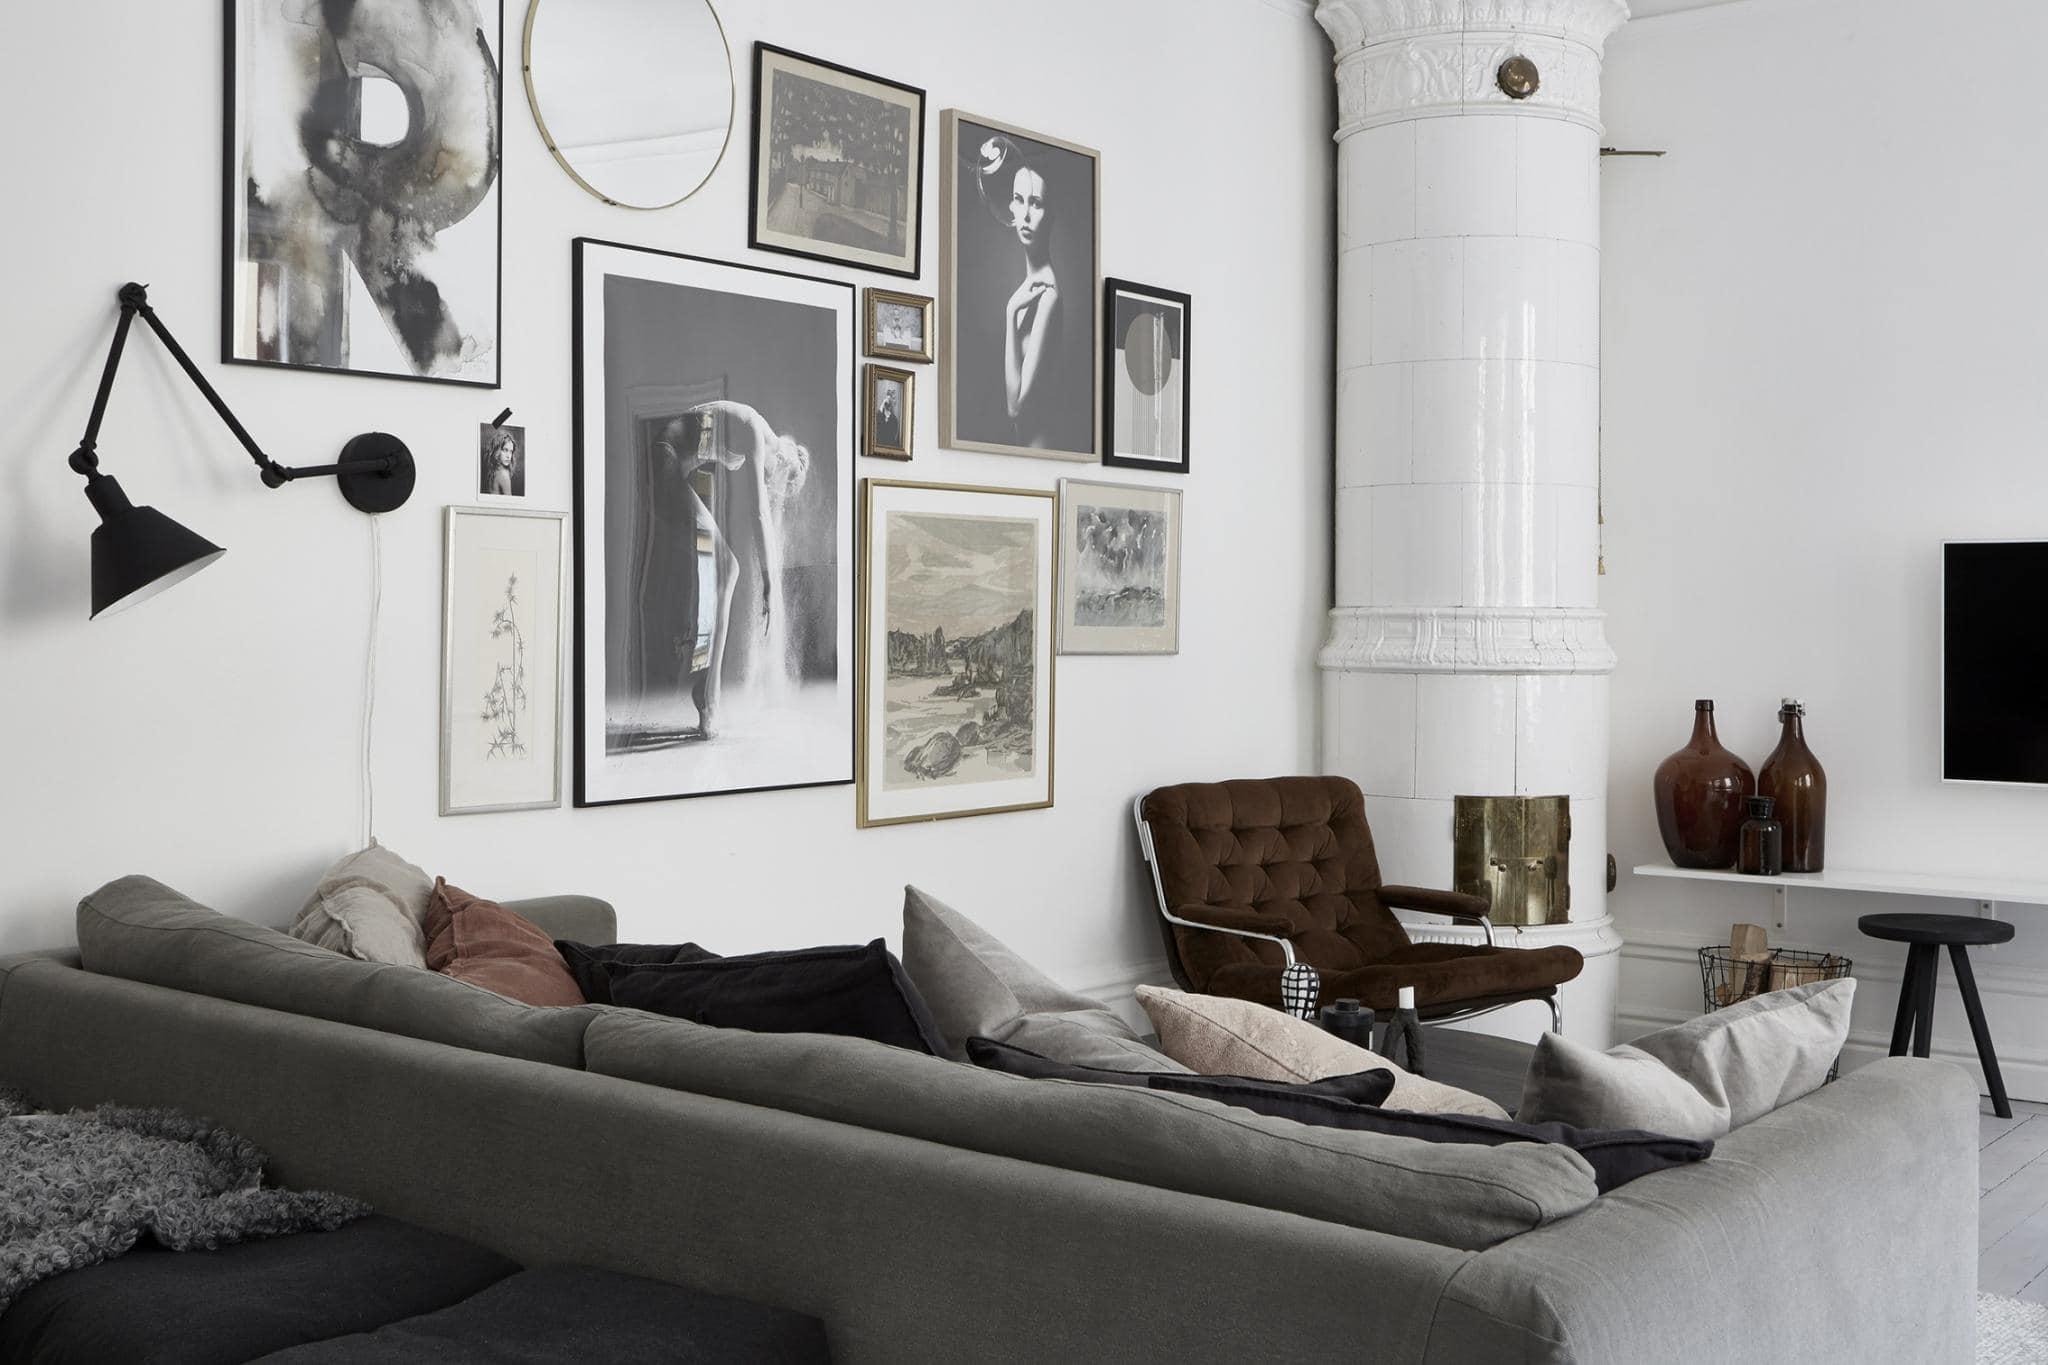 Interior Design Blog coco lapine design -coco lapine design